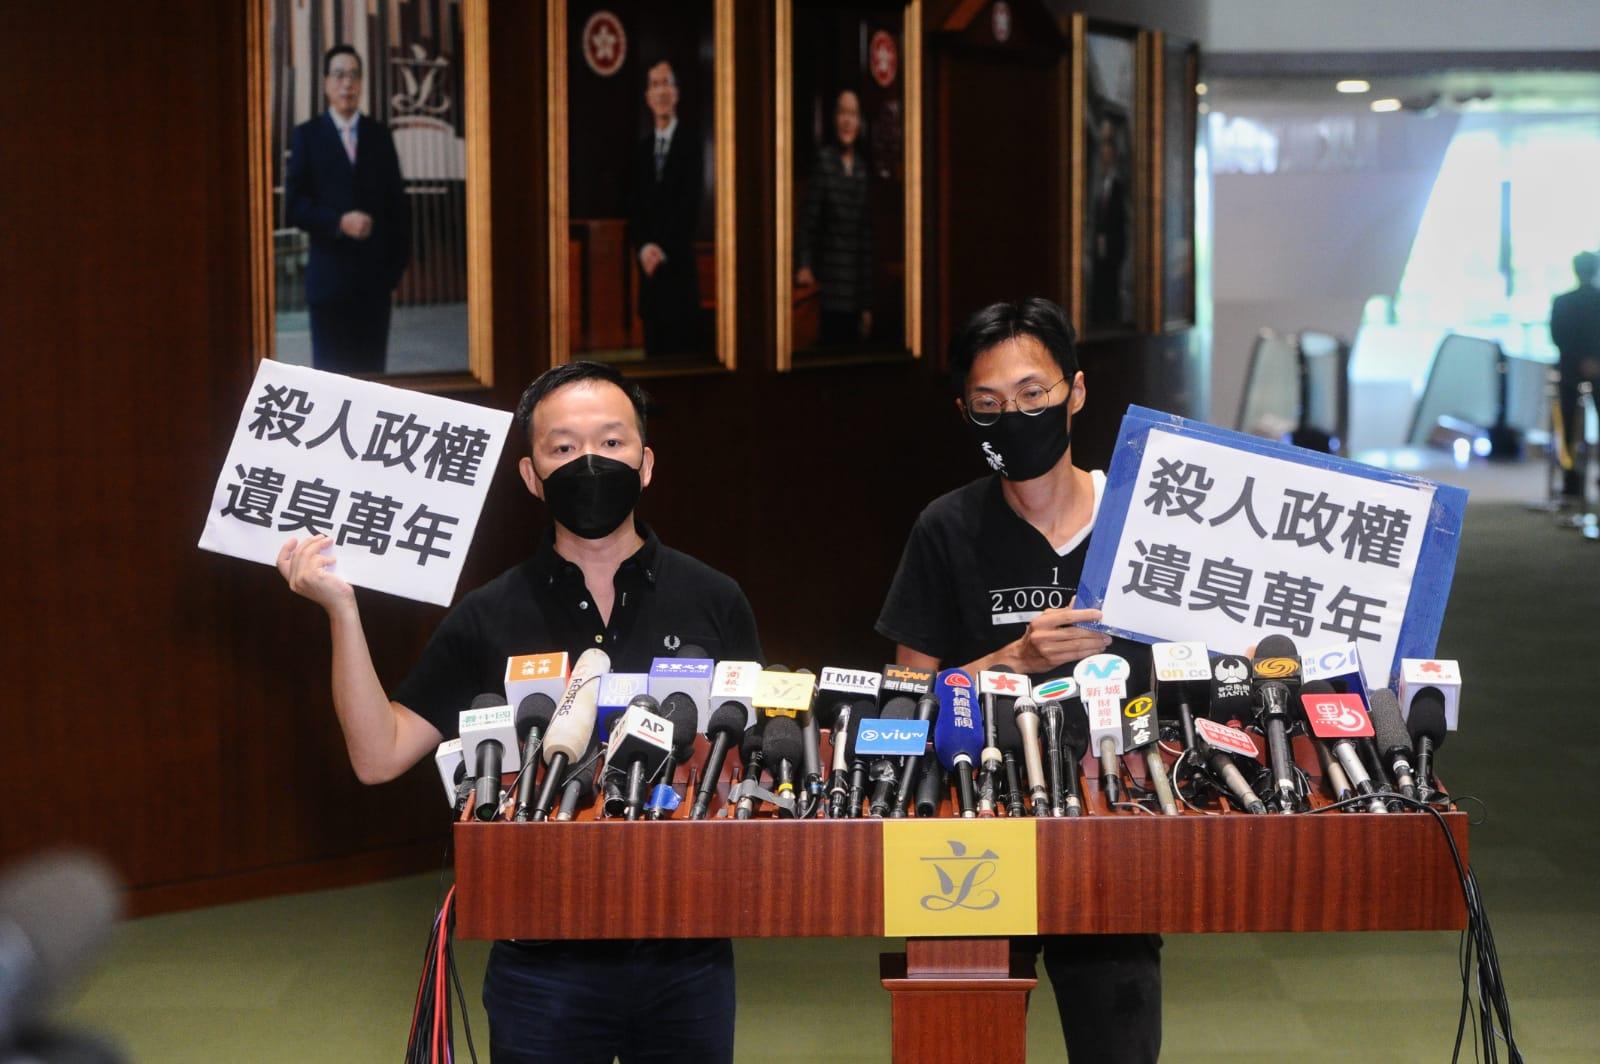 會議期間,人民力量陳志全和議會陣線朱凱廸於會議廳潑灑臭味物件表抗議。(宋碧龍/大紀元)